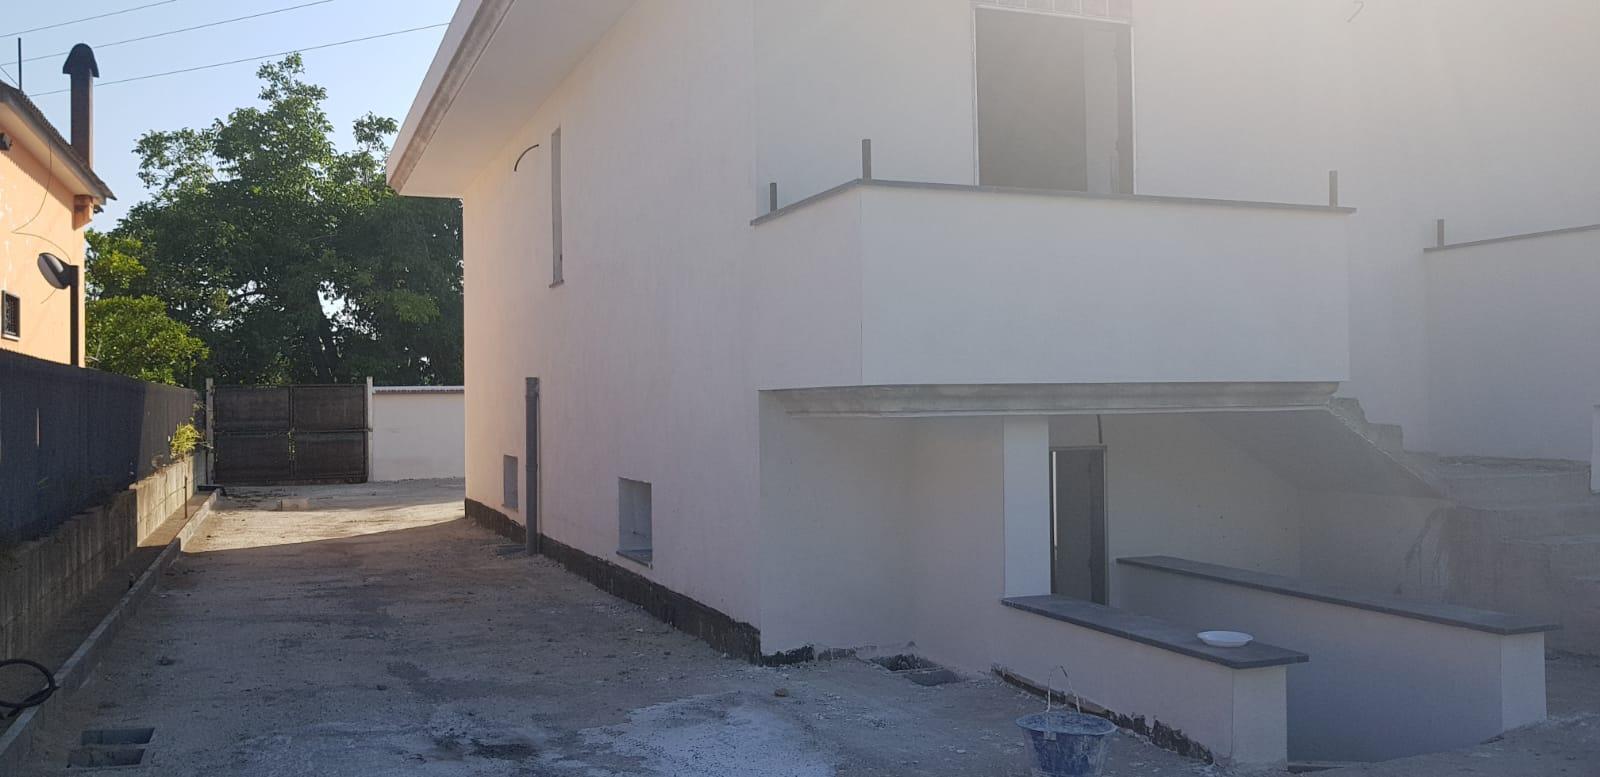 Villetta nuova costruzione fronte strada con 2000 mq di spazio.